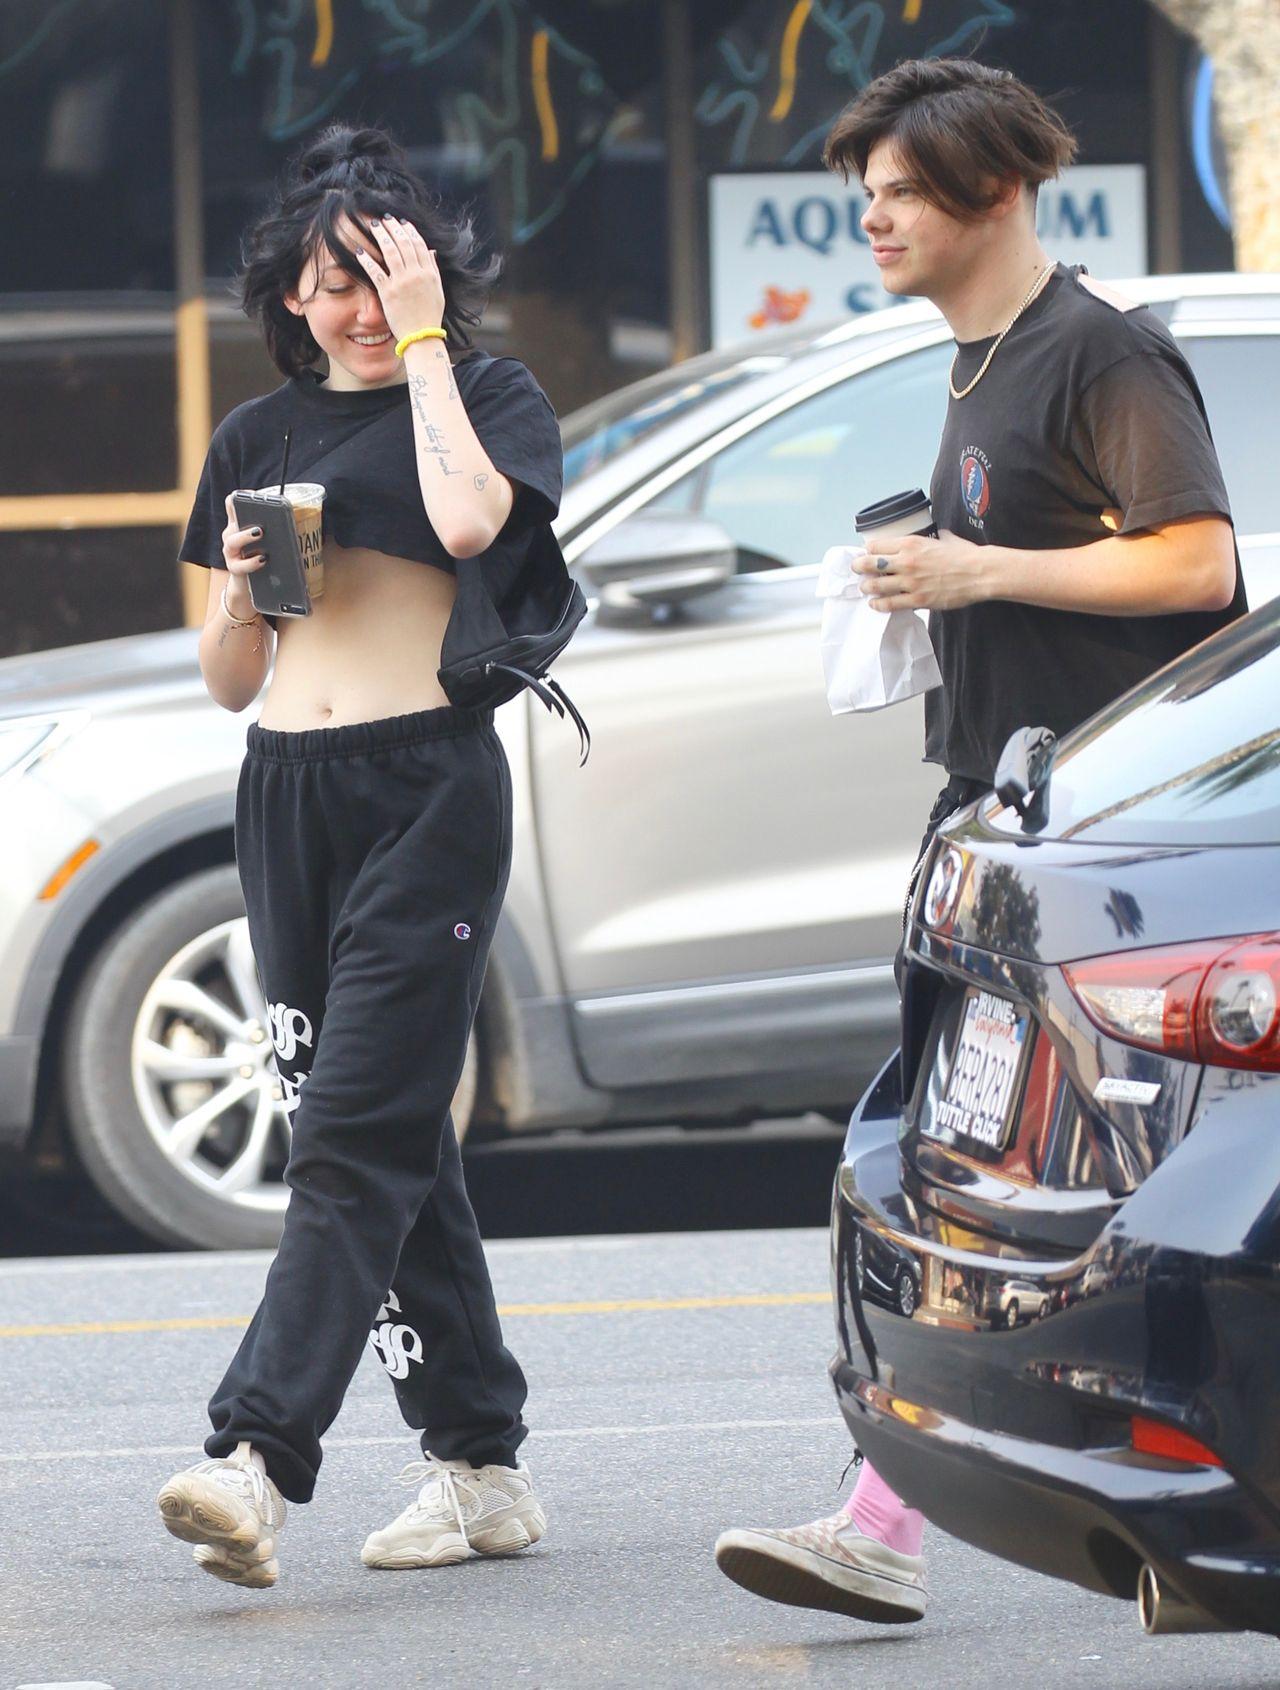 Siostra Miley Cyrus, Noah, z chłopakiem na ulicy - czyżby nowa miłość? (ZDJĘCIA)